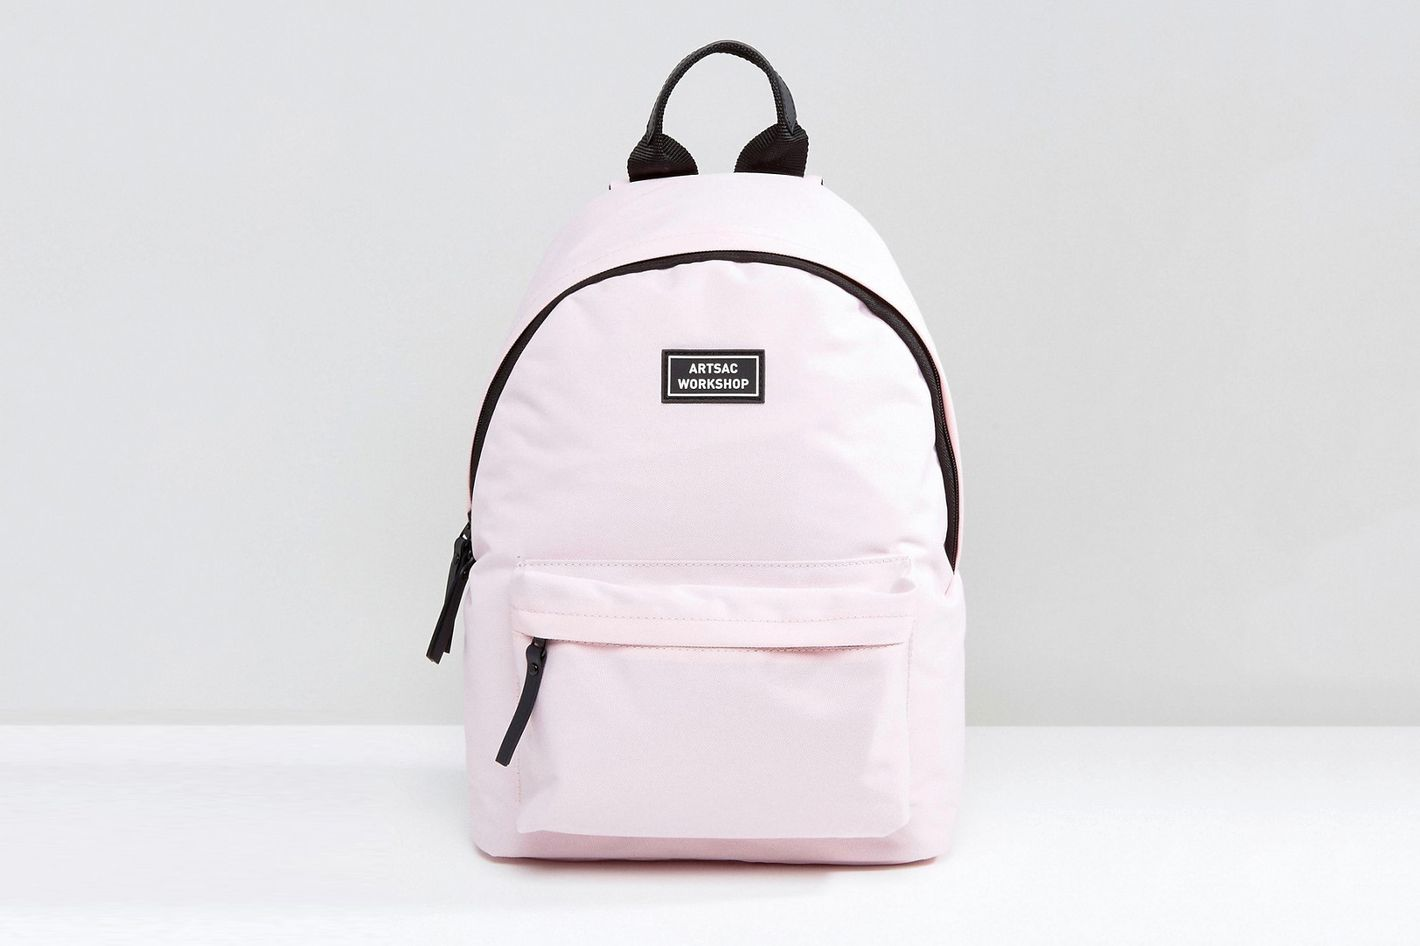 Artsac Workshop Backpack With Front Pocket